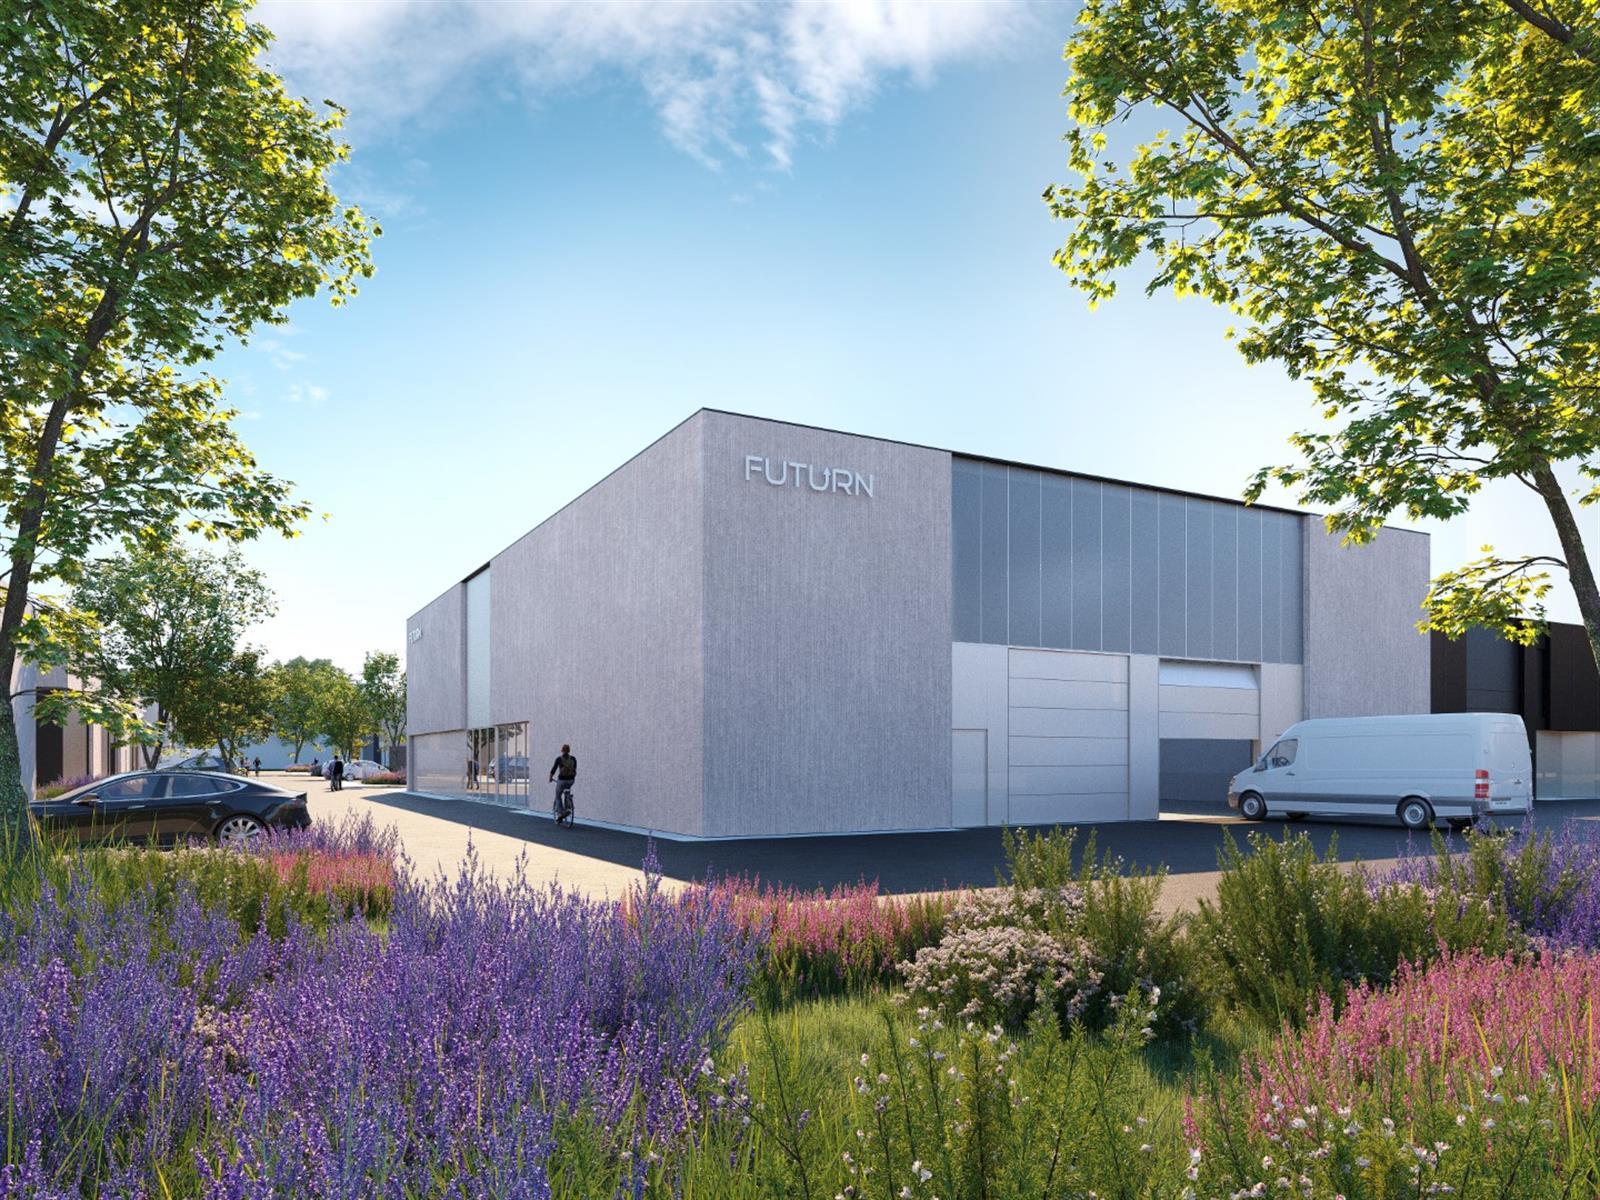 KMO-unit te koop Heros Businesspark KMO Unit 9 - Herkenrodesingel 10, 3500 Hasselt, België 8